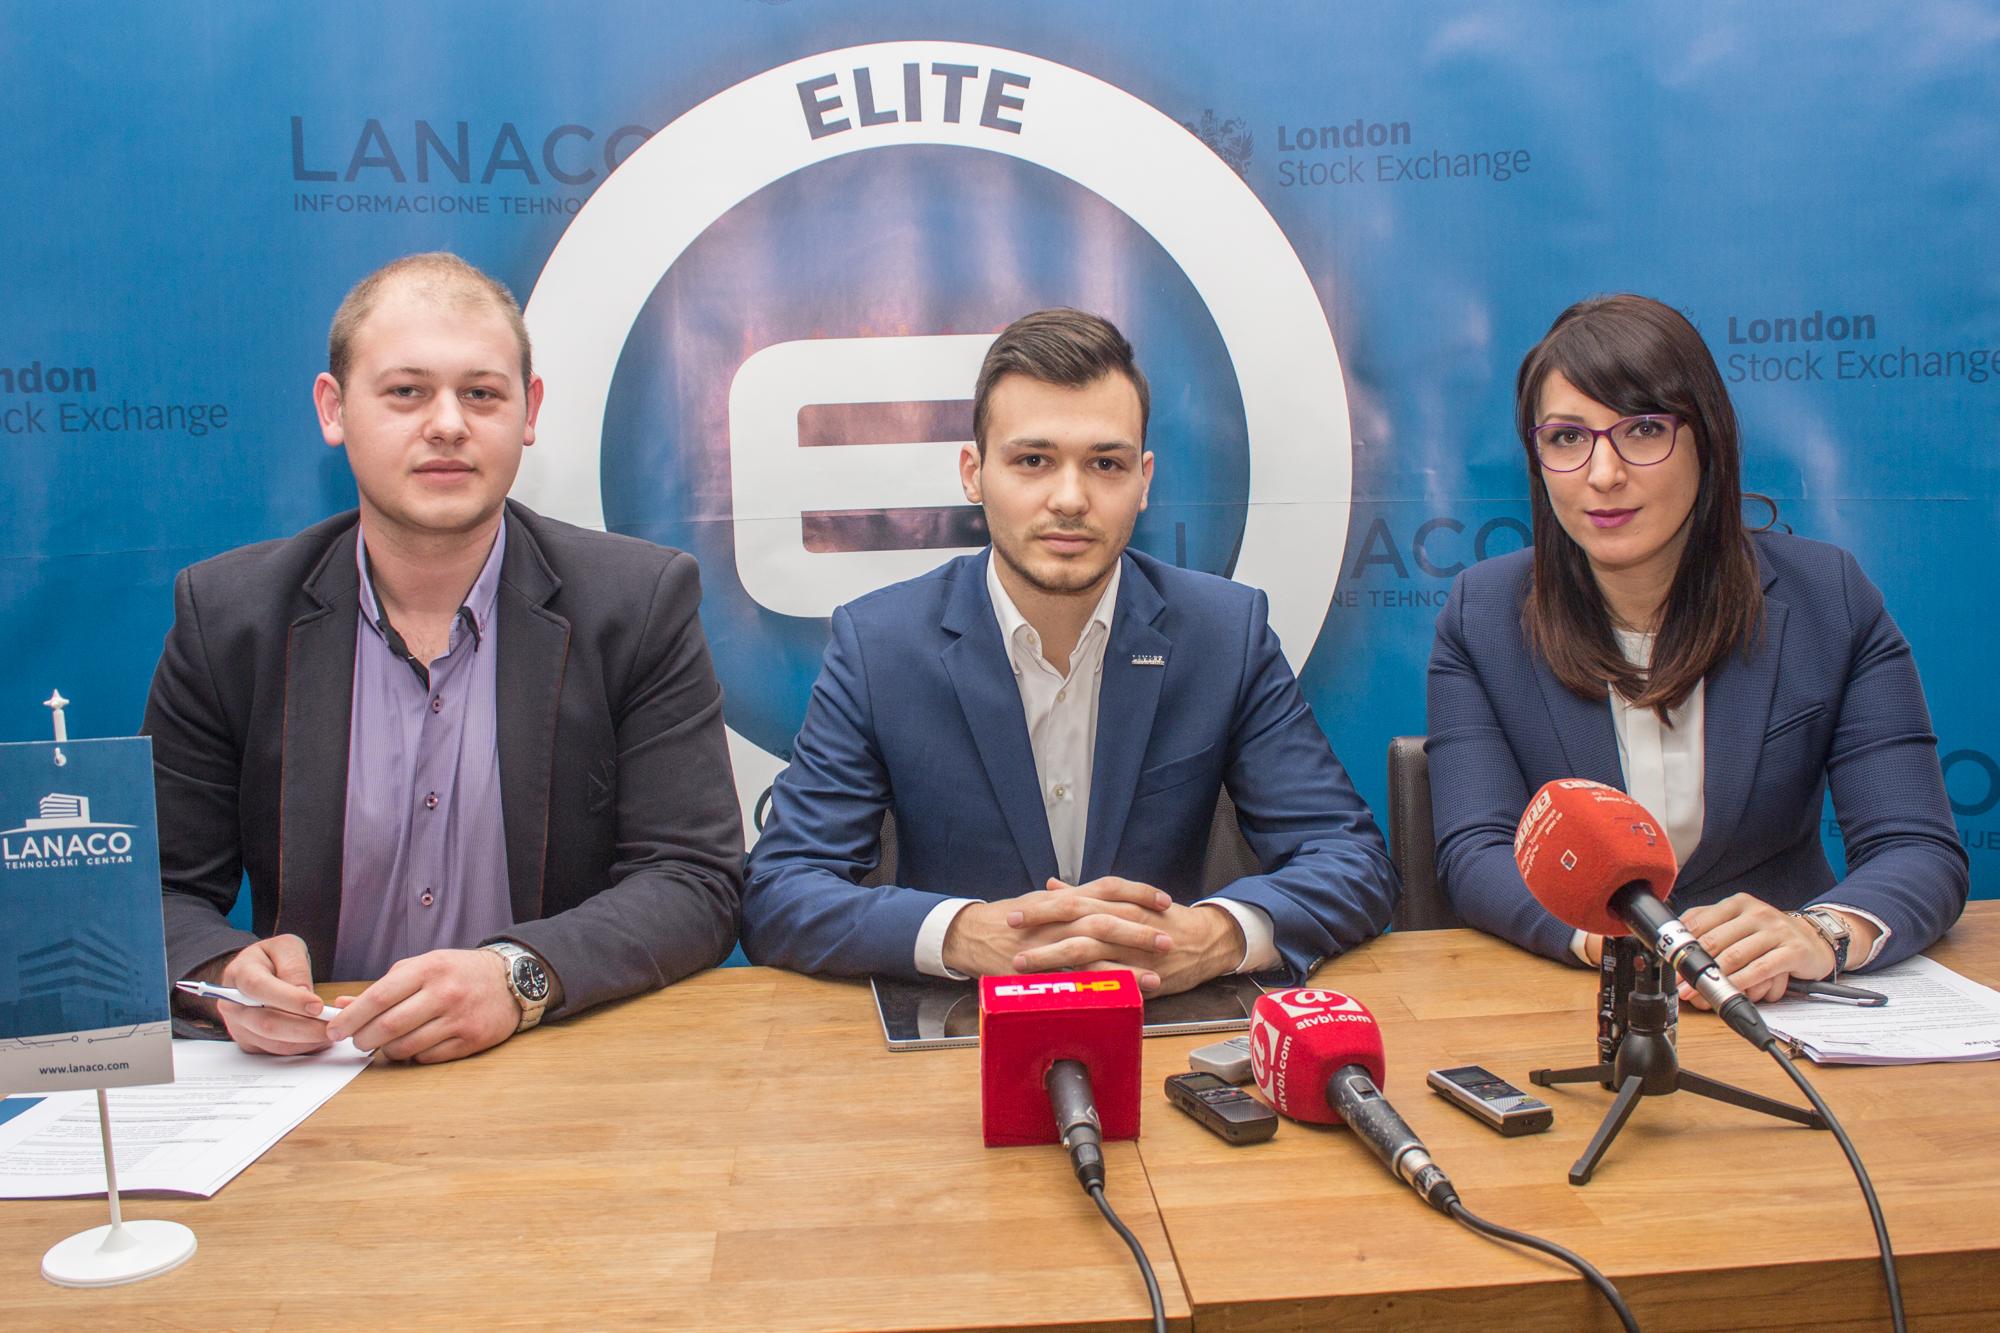 LANACO prva kompanija iz BiH u ELITE programu Londonske berze